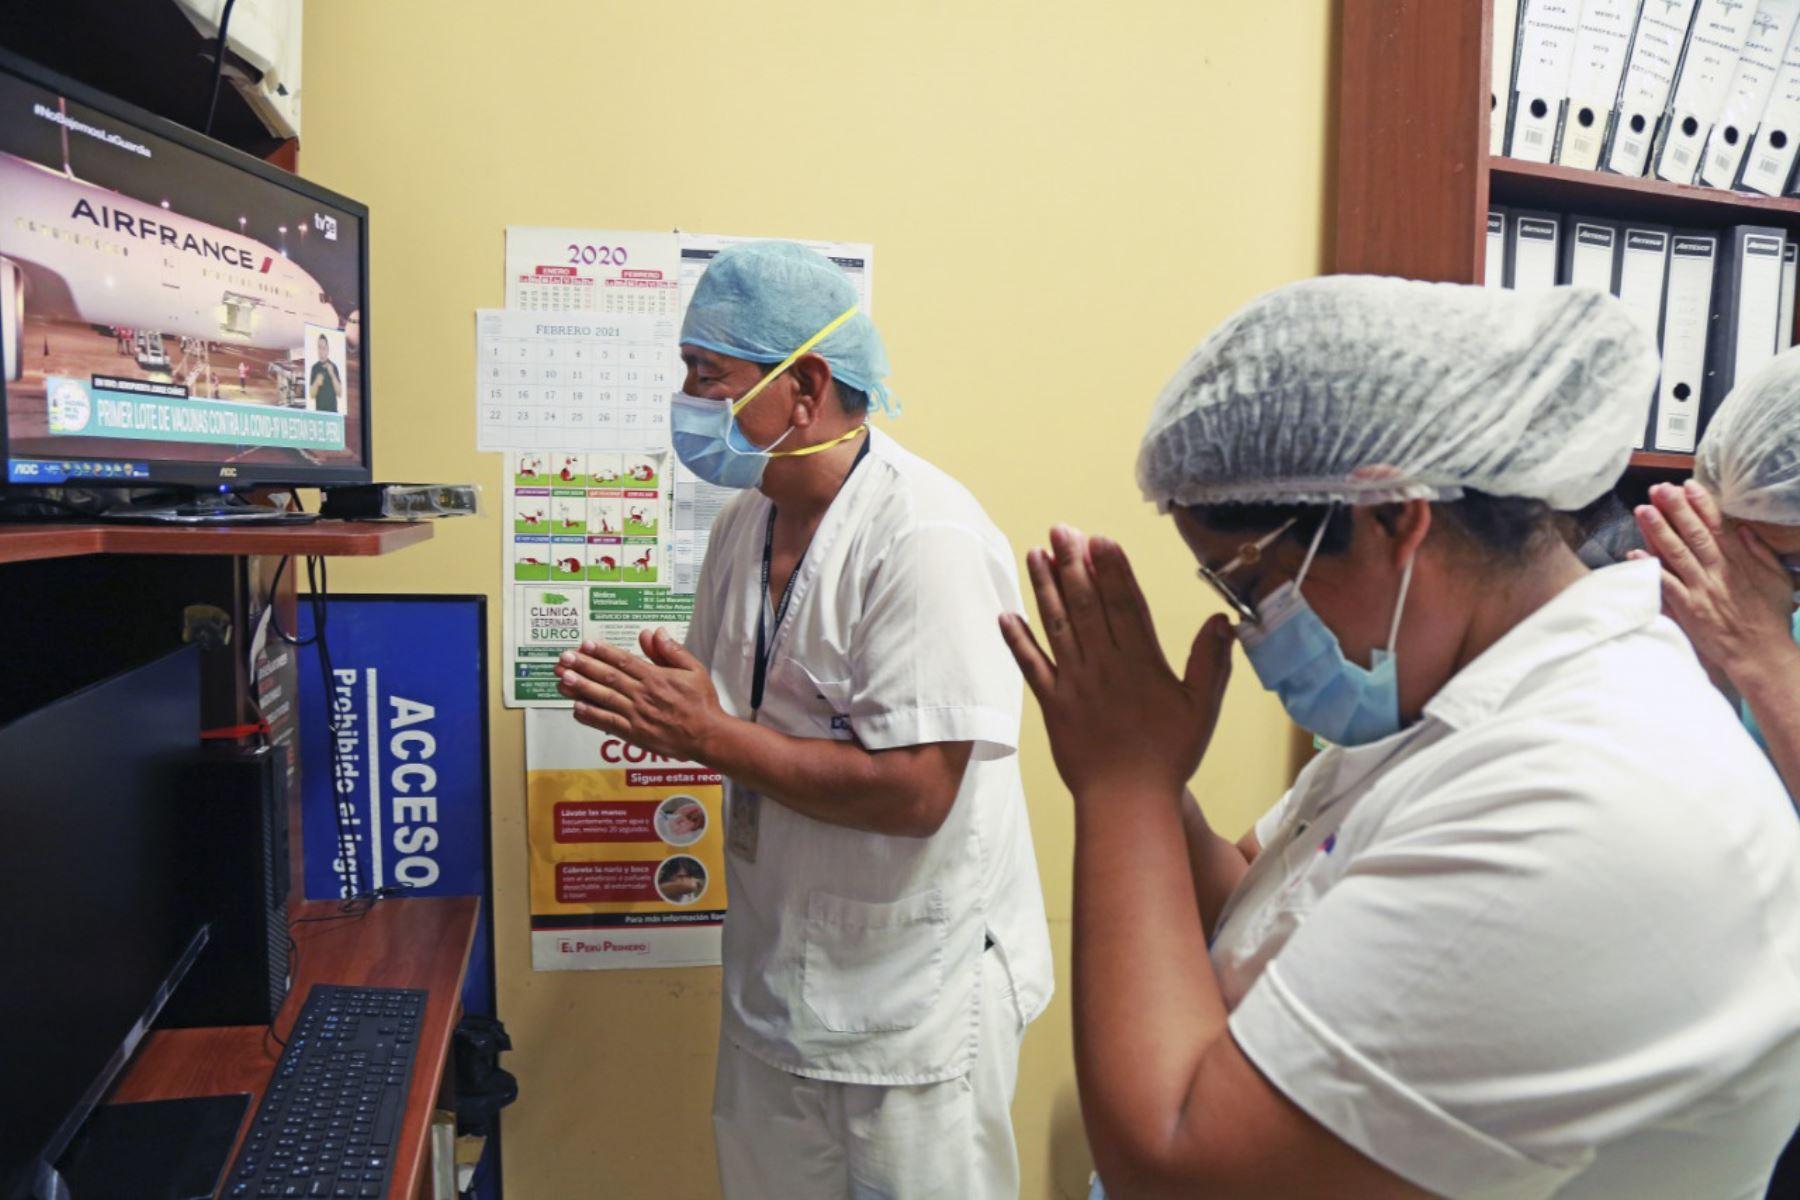 Médicos de primera línea agradecen la llegada de las vacunas al país. Los primeros 100 días del presidente Francisco Sagasti. Foto: ANDINA